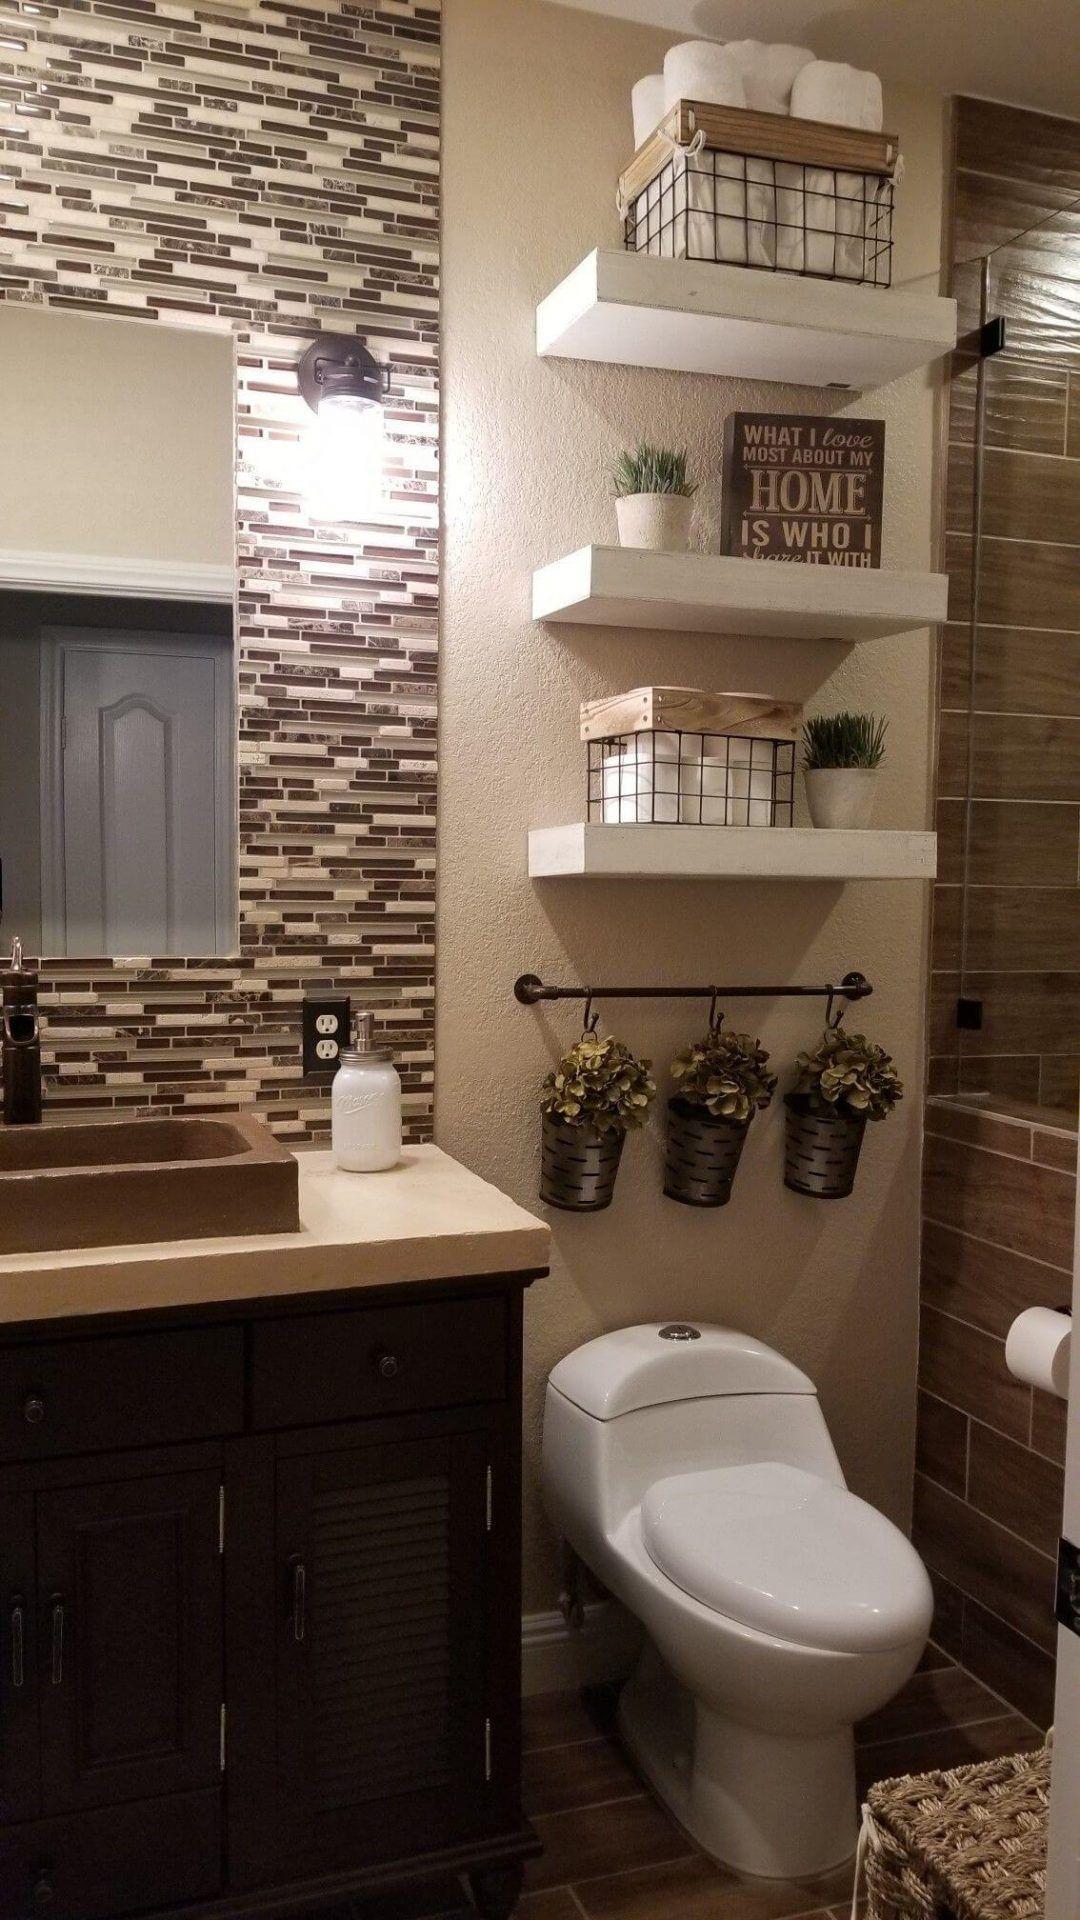 25 Farmhouse Bathroom Ideas For Bathroom Remodel - M7